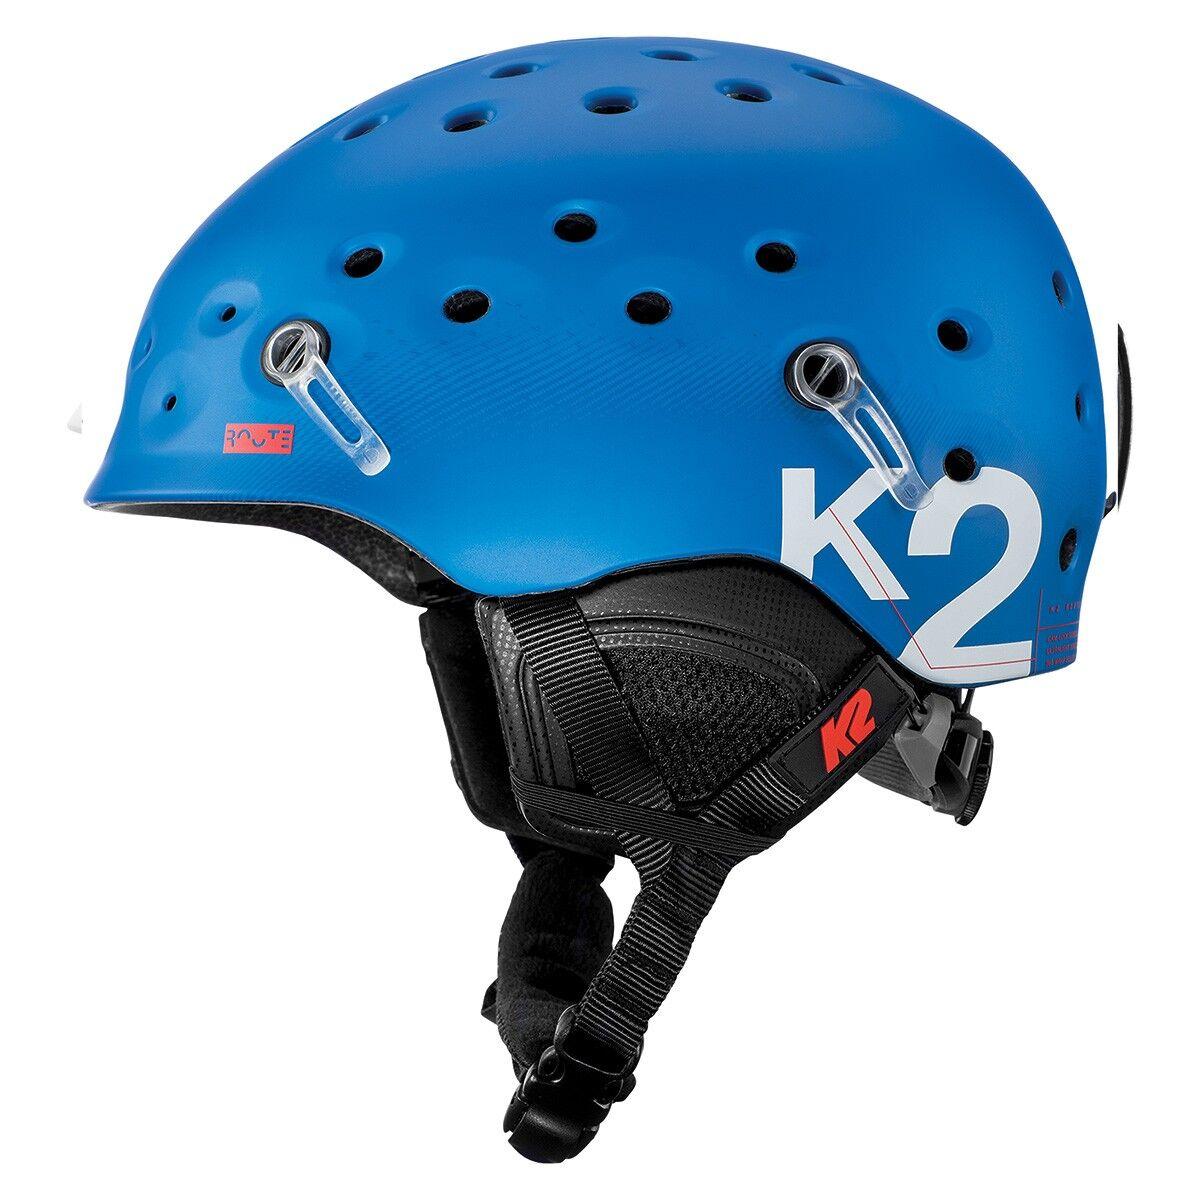 K2 Casco sci K2 Route (Colore: blu, Taglia: 51/55)